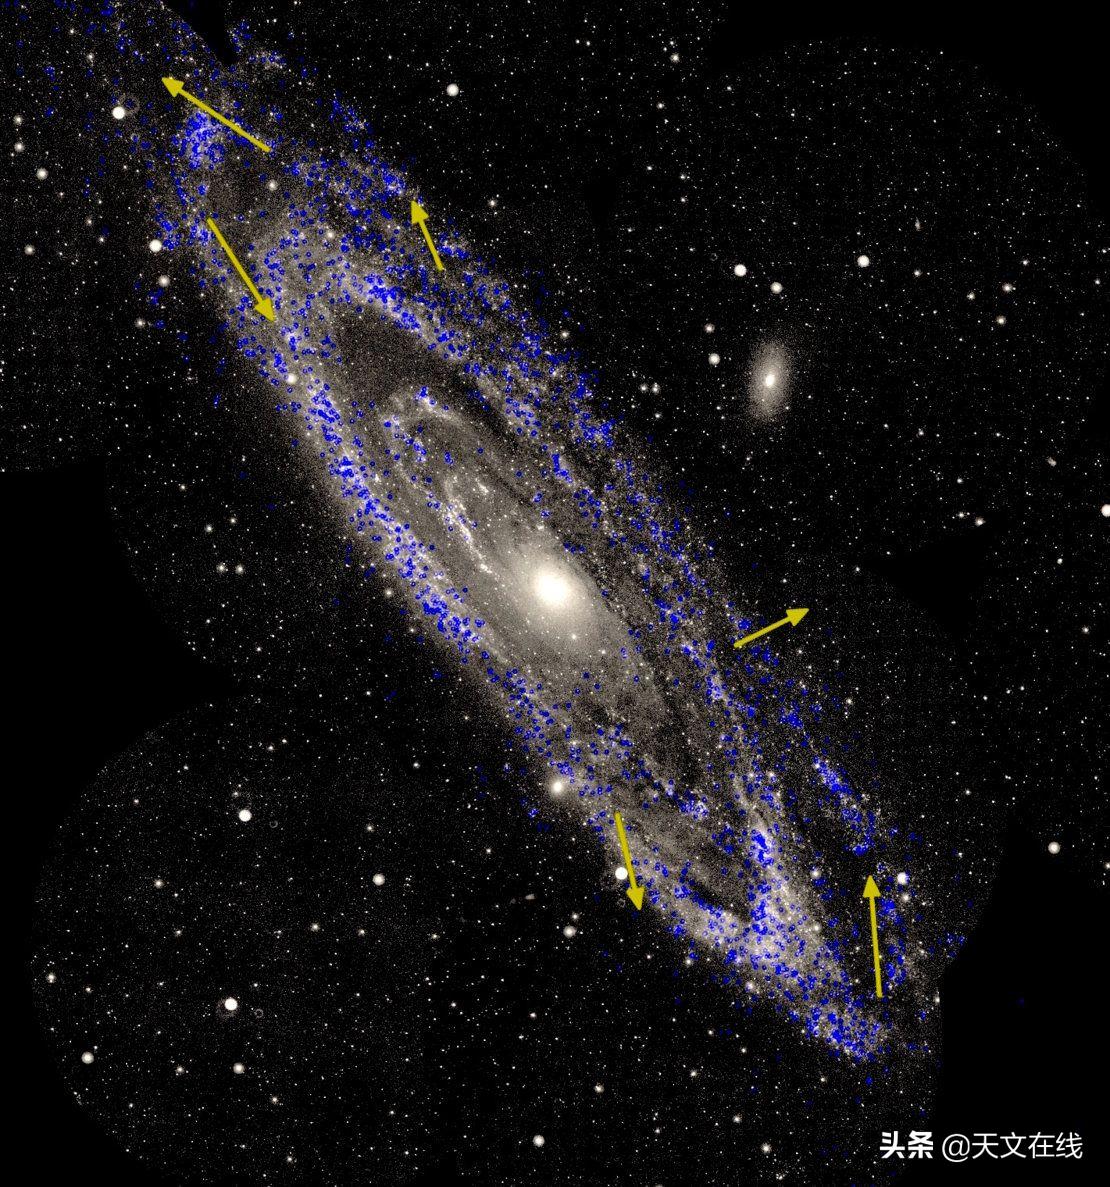 稀有的怪物星系在120亿年前迅速增长…之后又突然死亡,这是为何